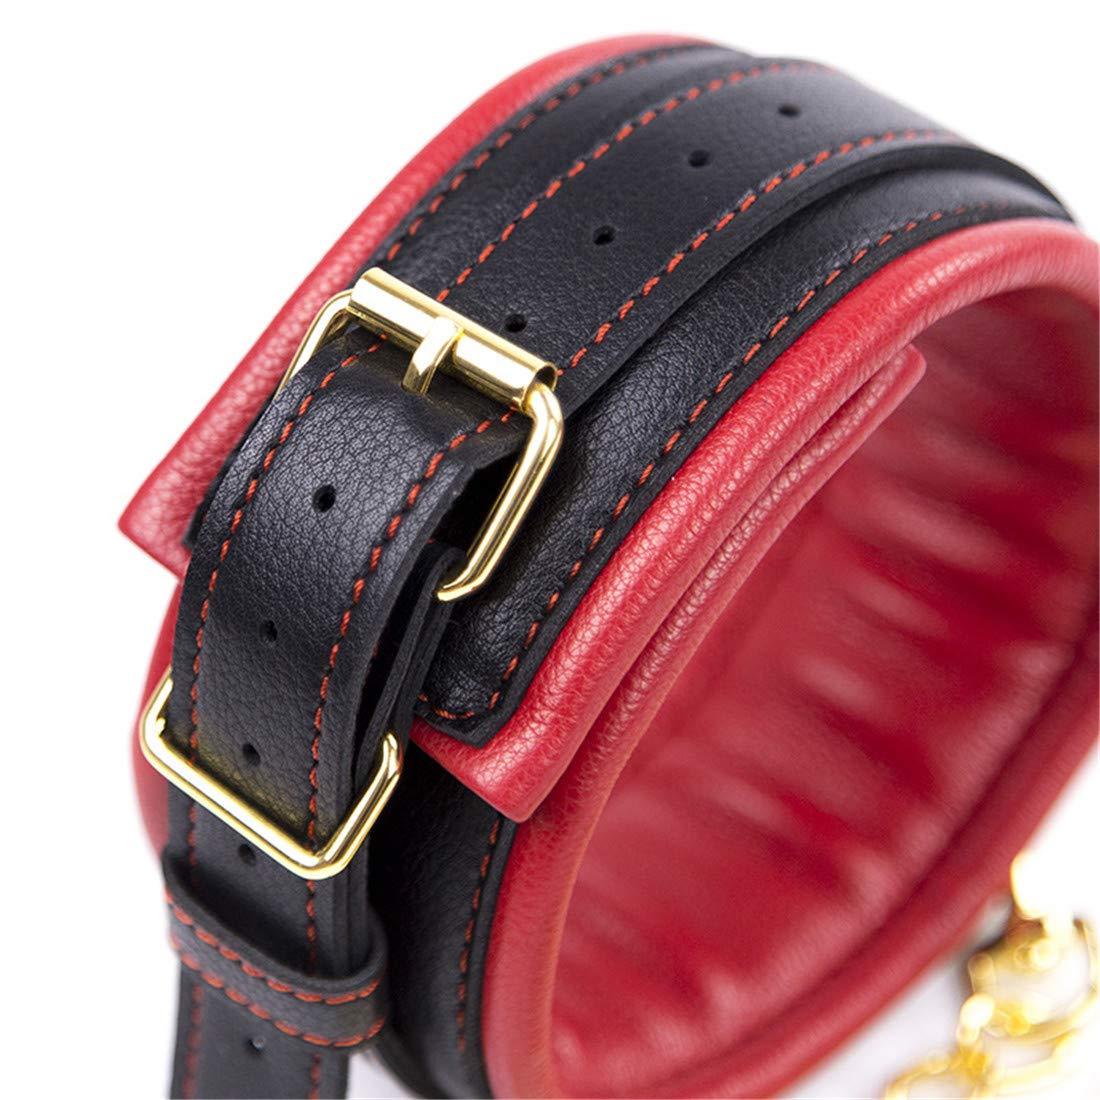 Cvthfyky 3 unid Juguetes Sexuales Restricción Ajustable Pareja Fetish Vendaje Esposas Ajustable Restricción Encuadernación Cadena de Tracción Accesorios (Color : Black Red) f98e7e